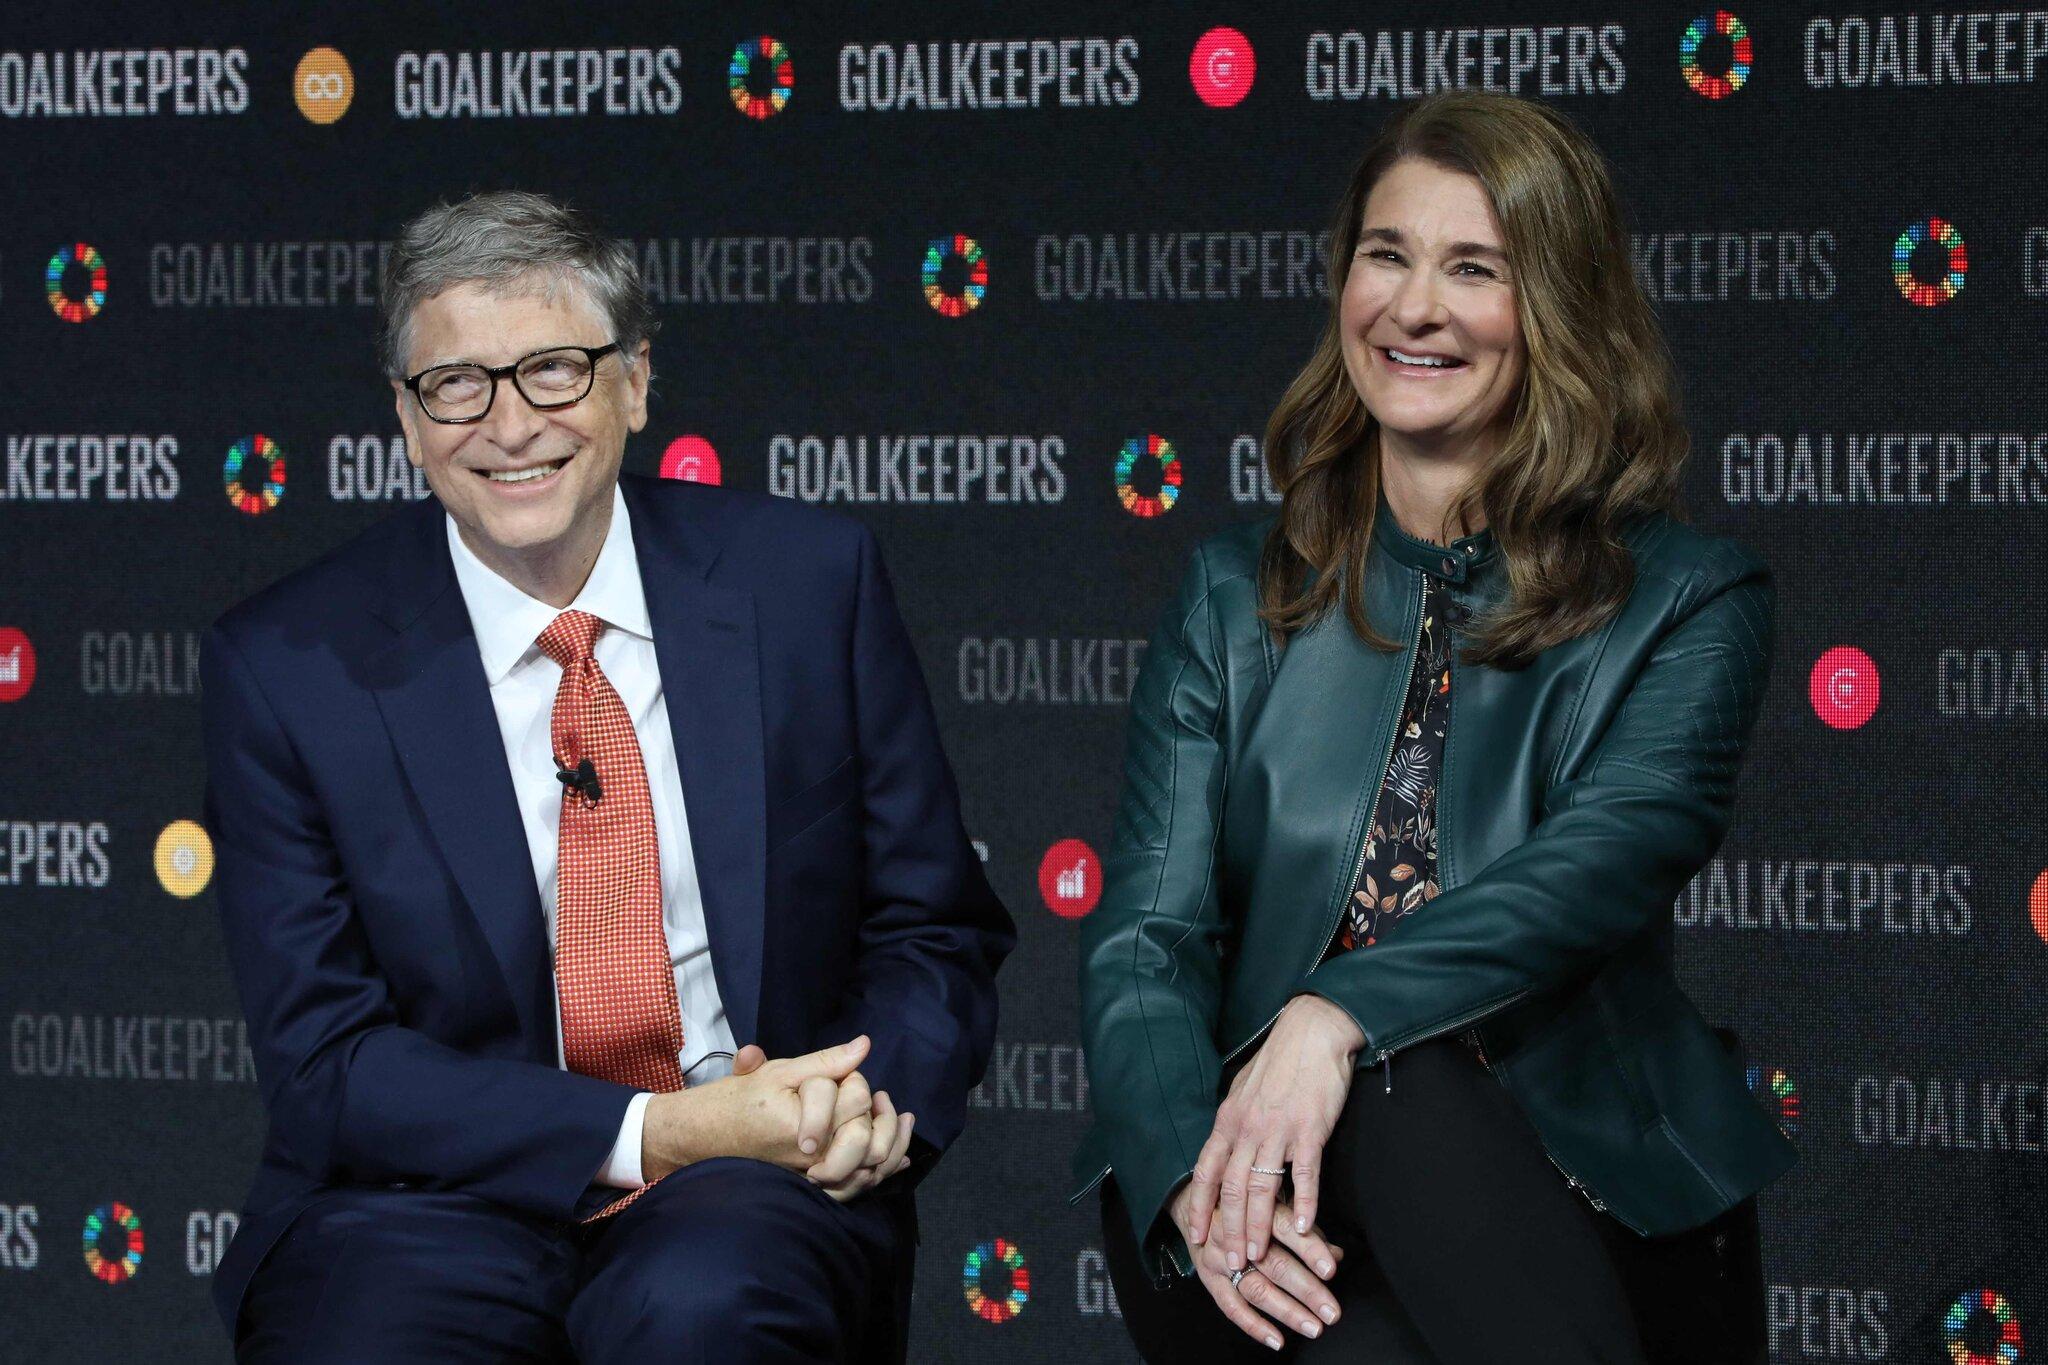 Bill và Melinda Gates vừa tuyên bố hôm thứ Hai rằng họ sẽ ly hôn.